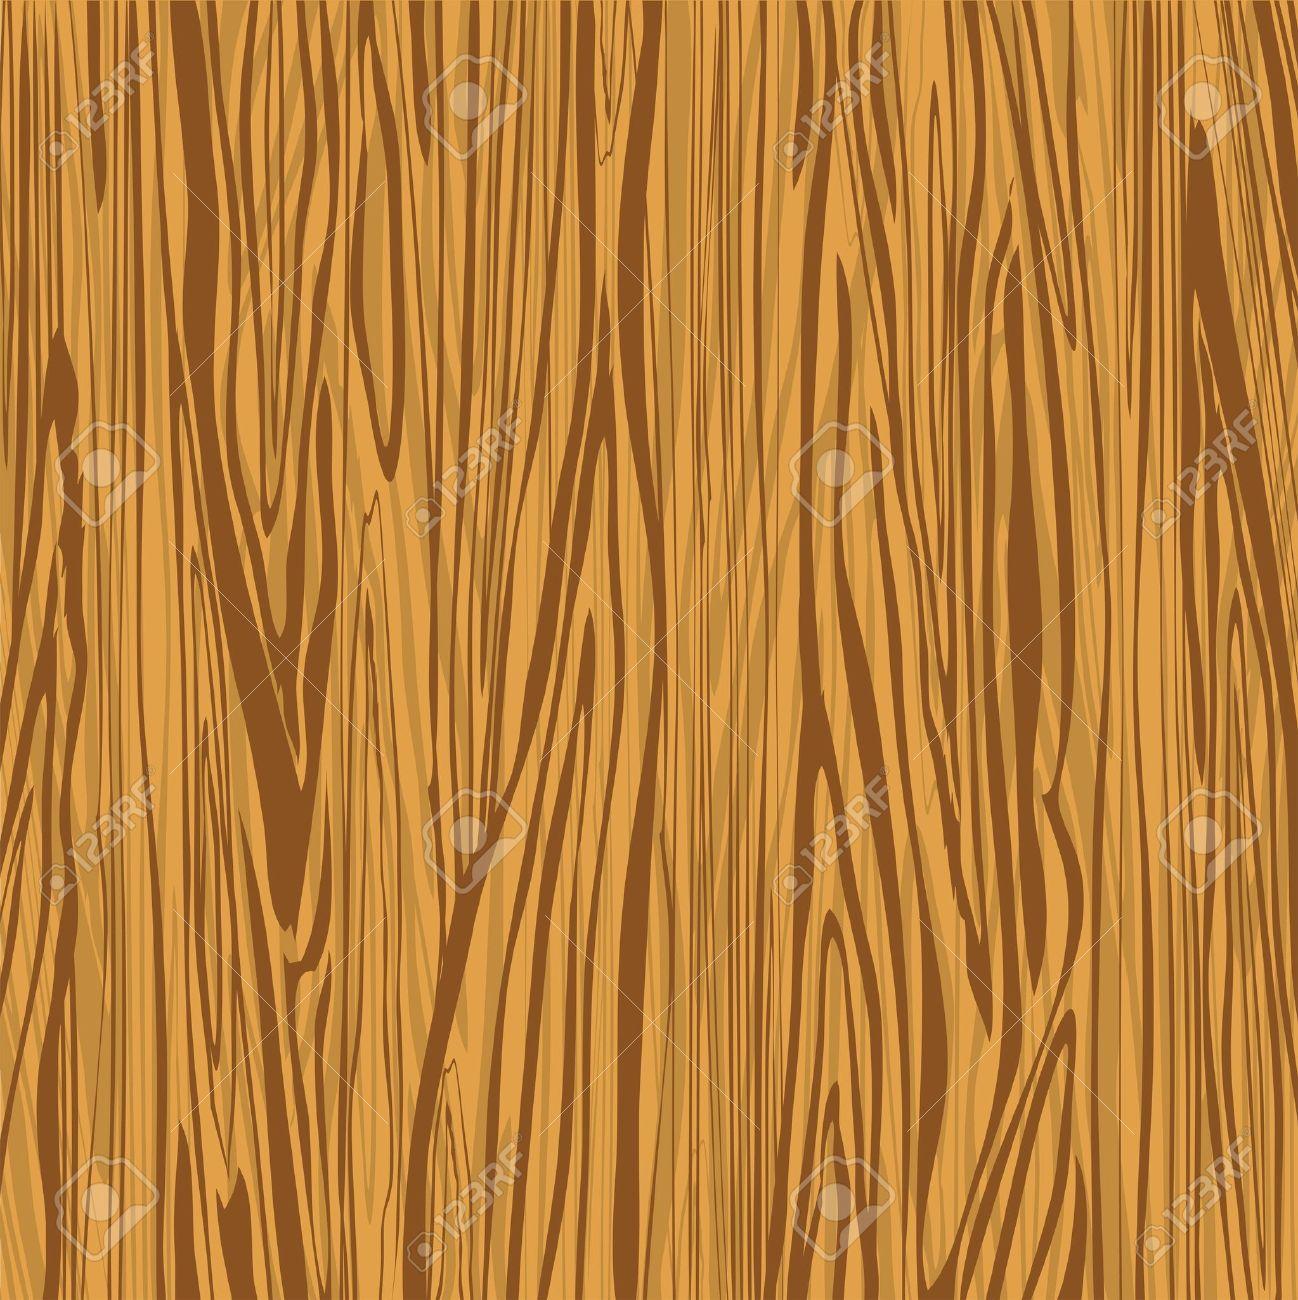 Tree knot texture clipart cartoon.